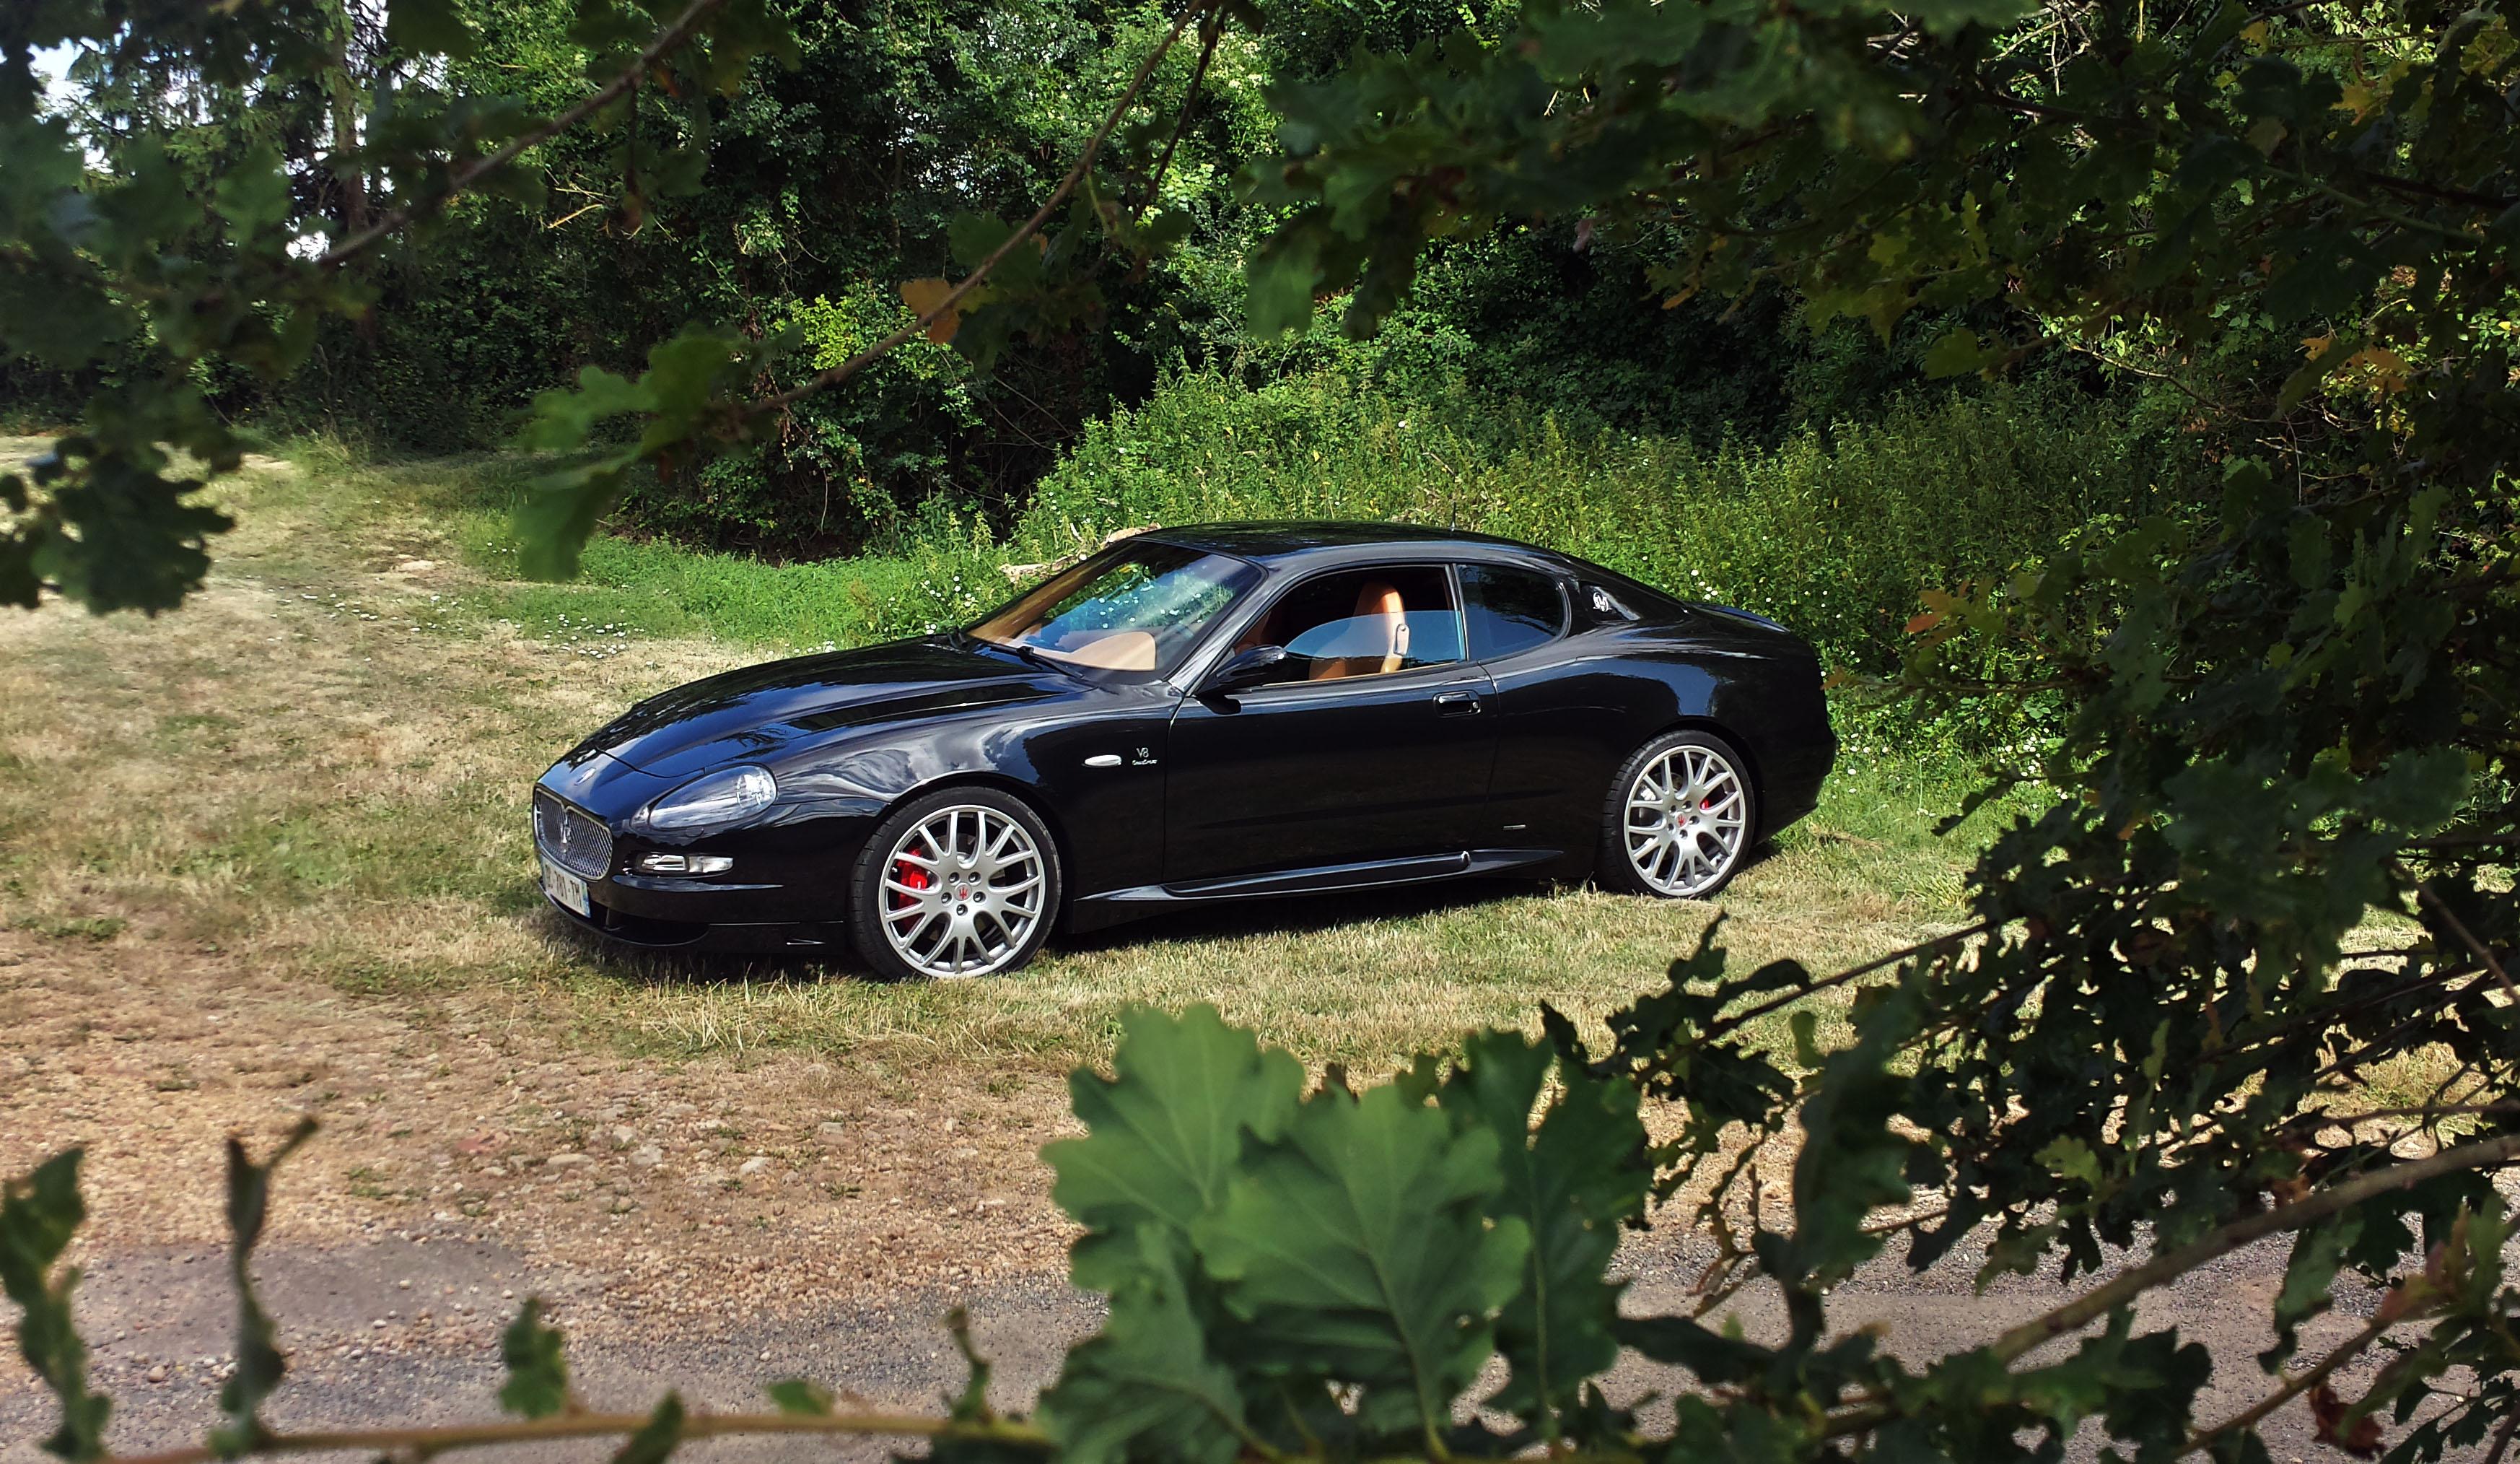 [A vendre] Maserati Gransport V8 - février 2006 150926014203943929